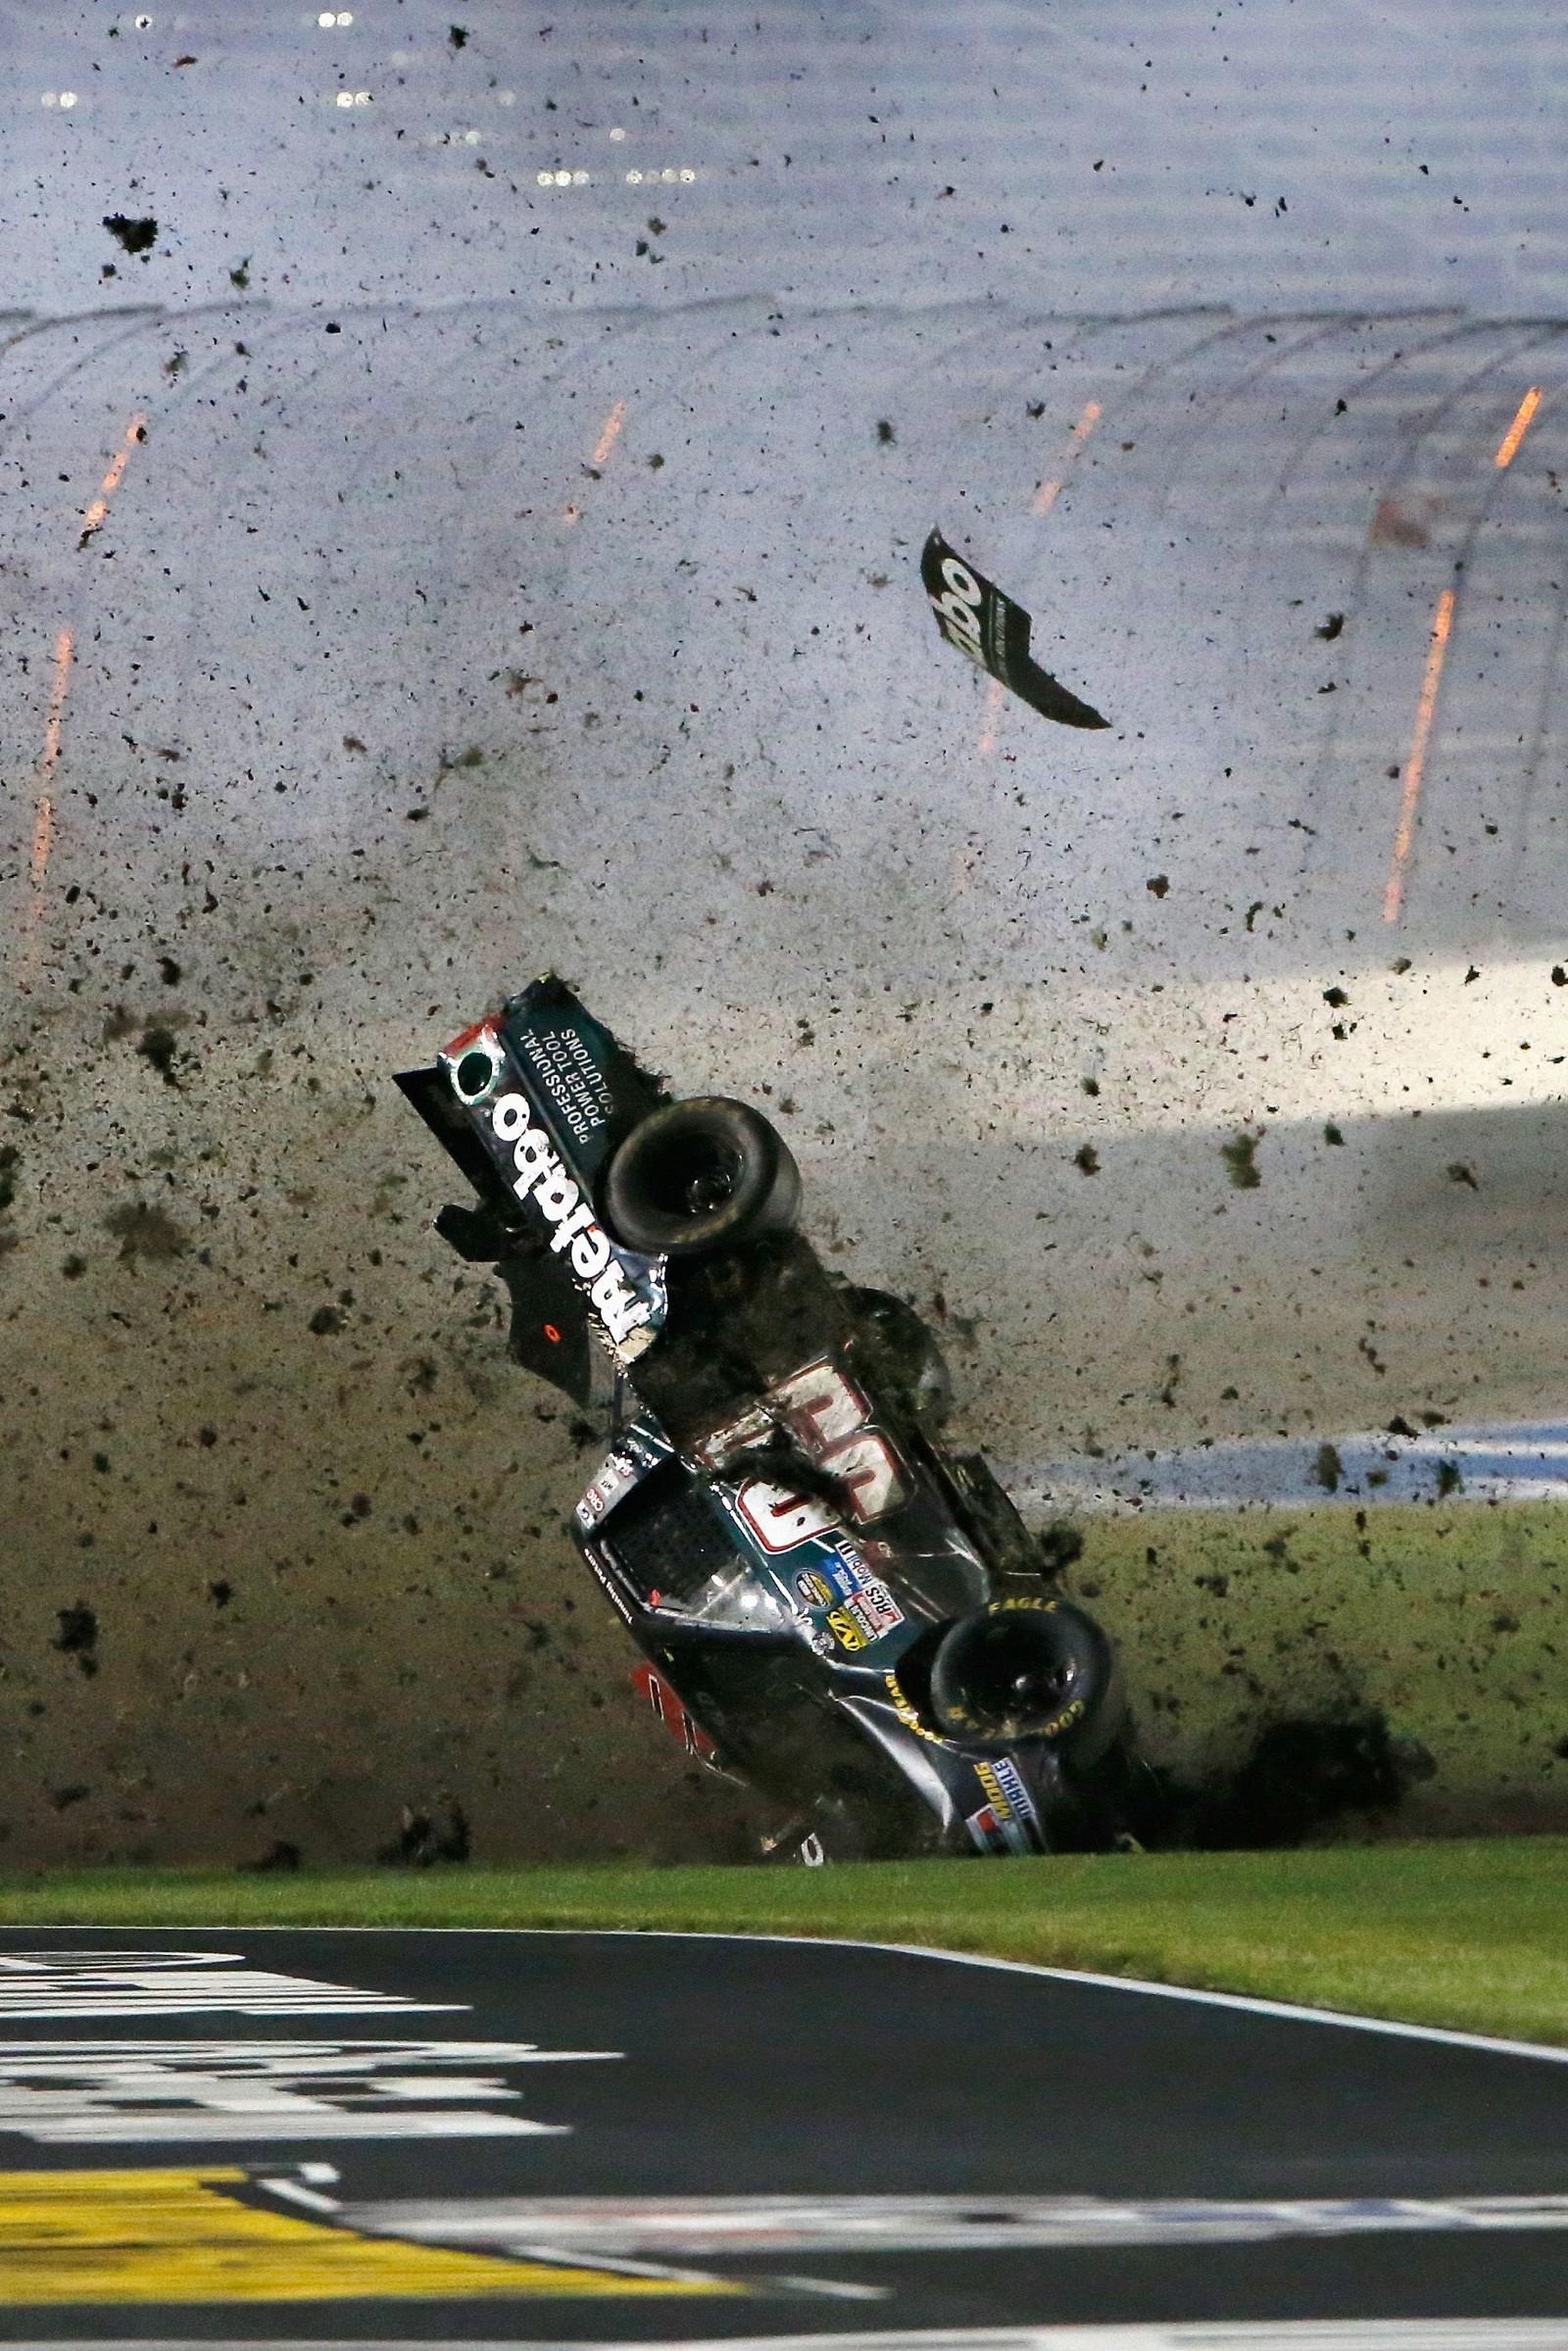 Det ser dramatisk ut, men det gikk heldigvis bra til slutt for motorfører Timothy Peters. Bilkrasjet skjedde under et Nascar-løp i Texas.